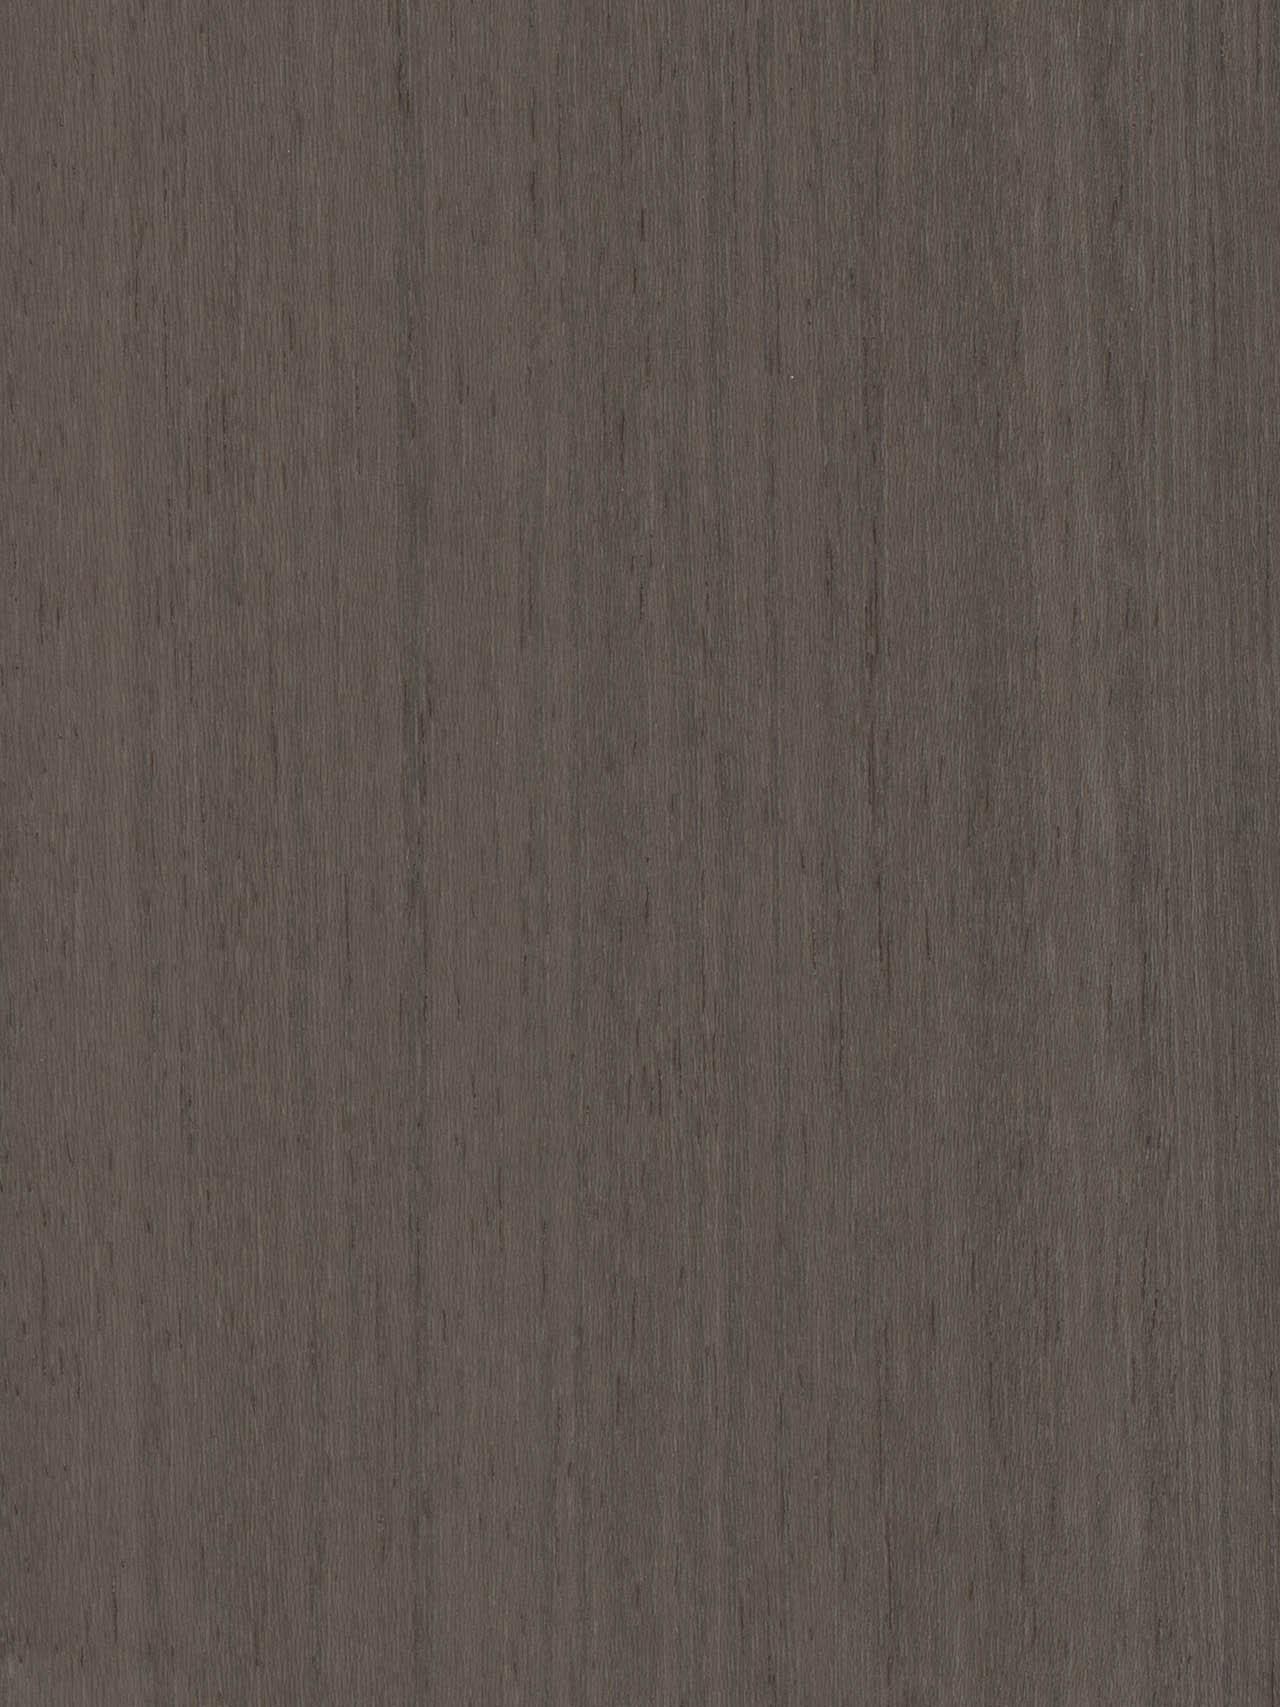 Chapa de madera Koto Avellana MBF128 Losán